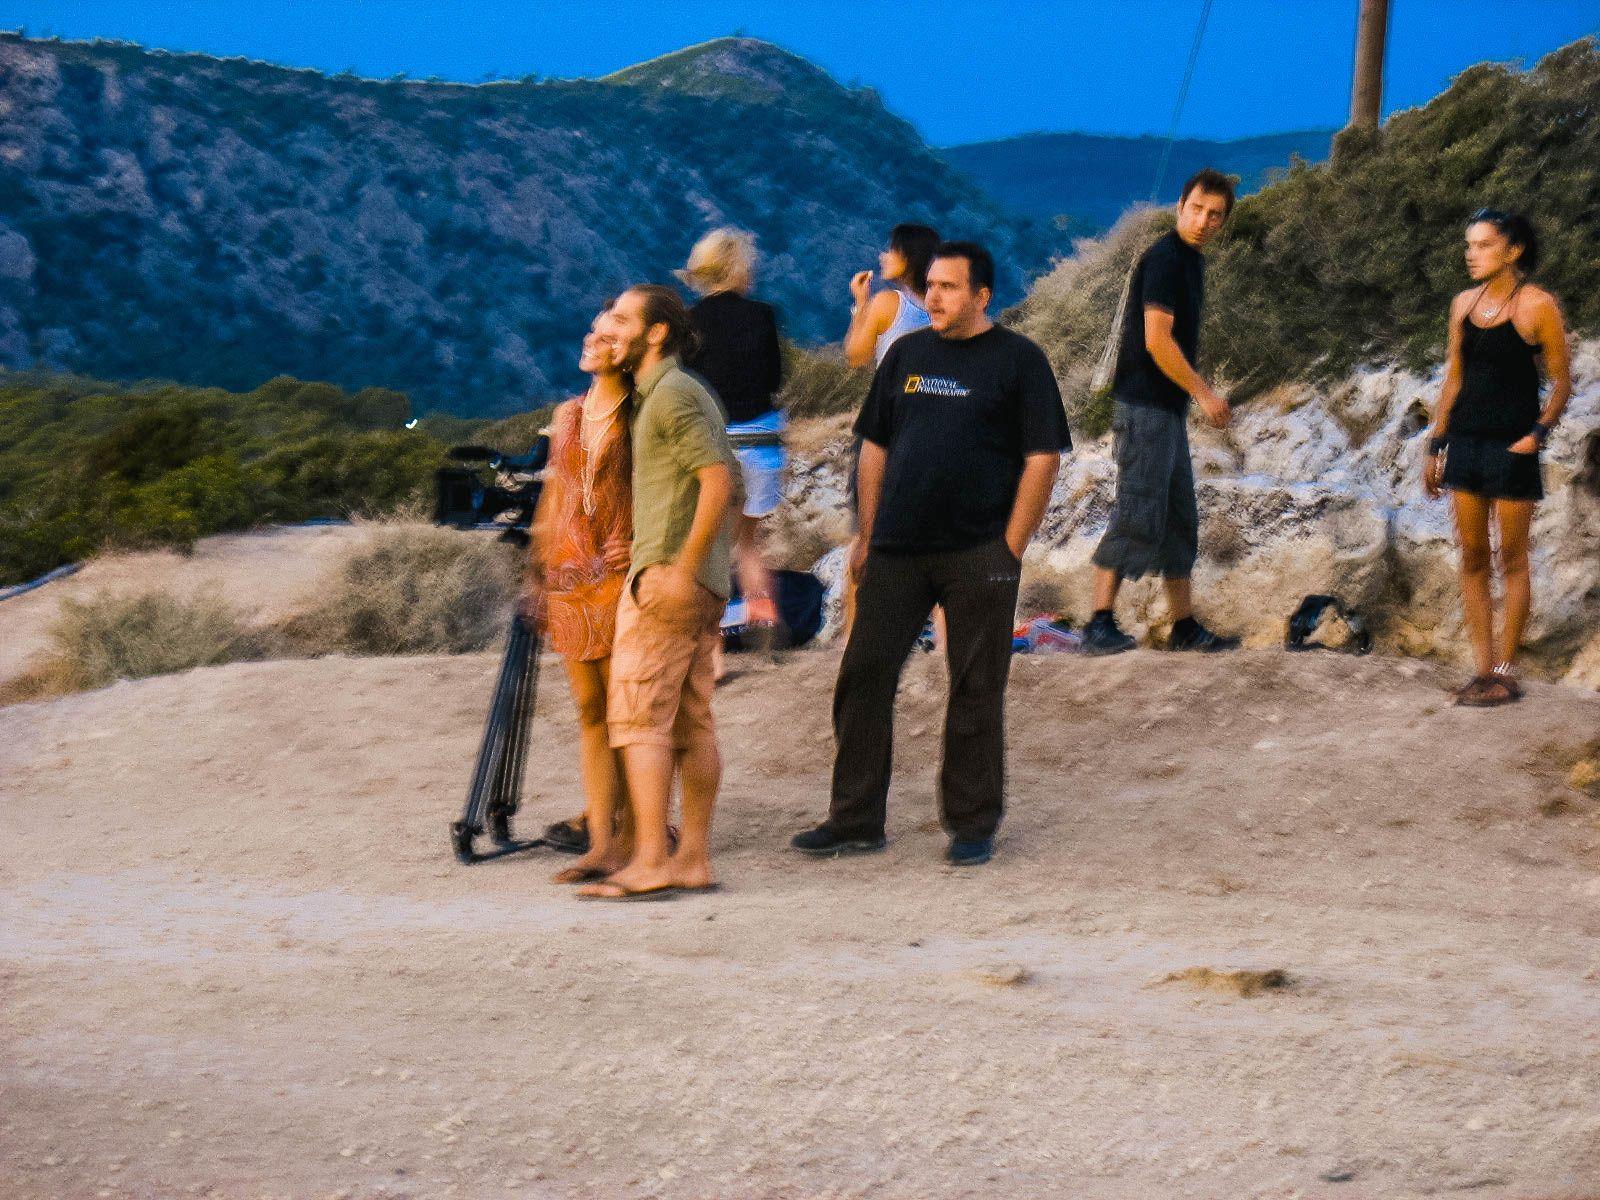 Съёмки какого-то клипа на берегу коринфского залива, Греция (16.07.2008)